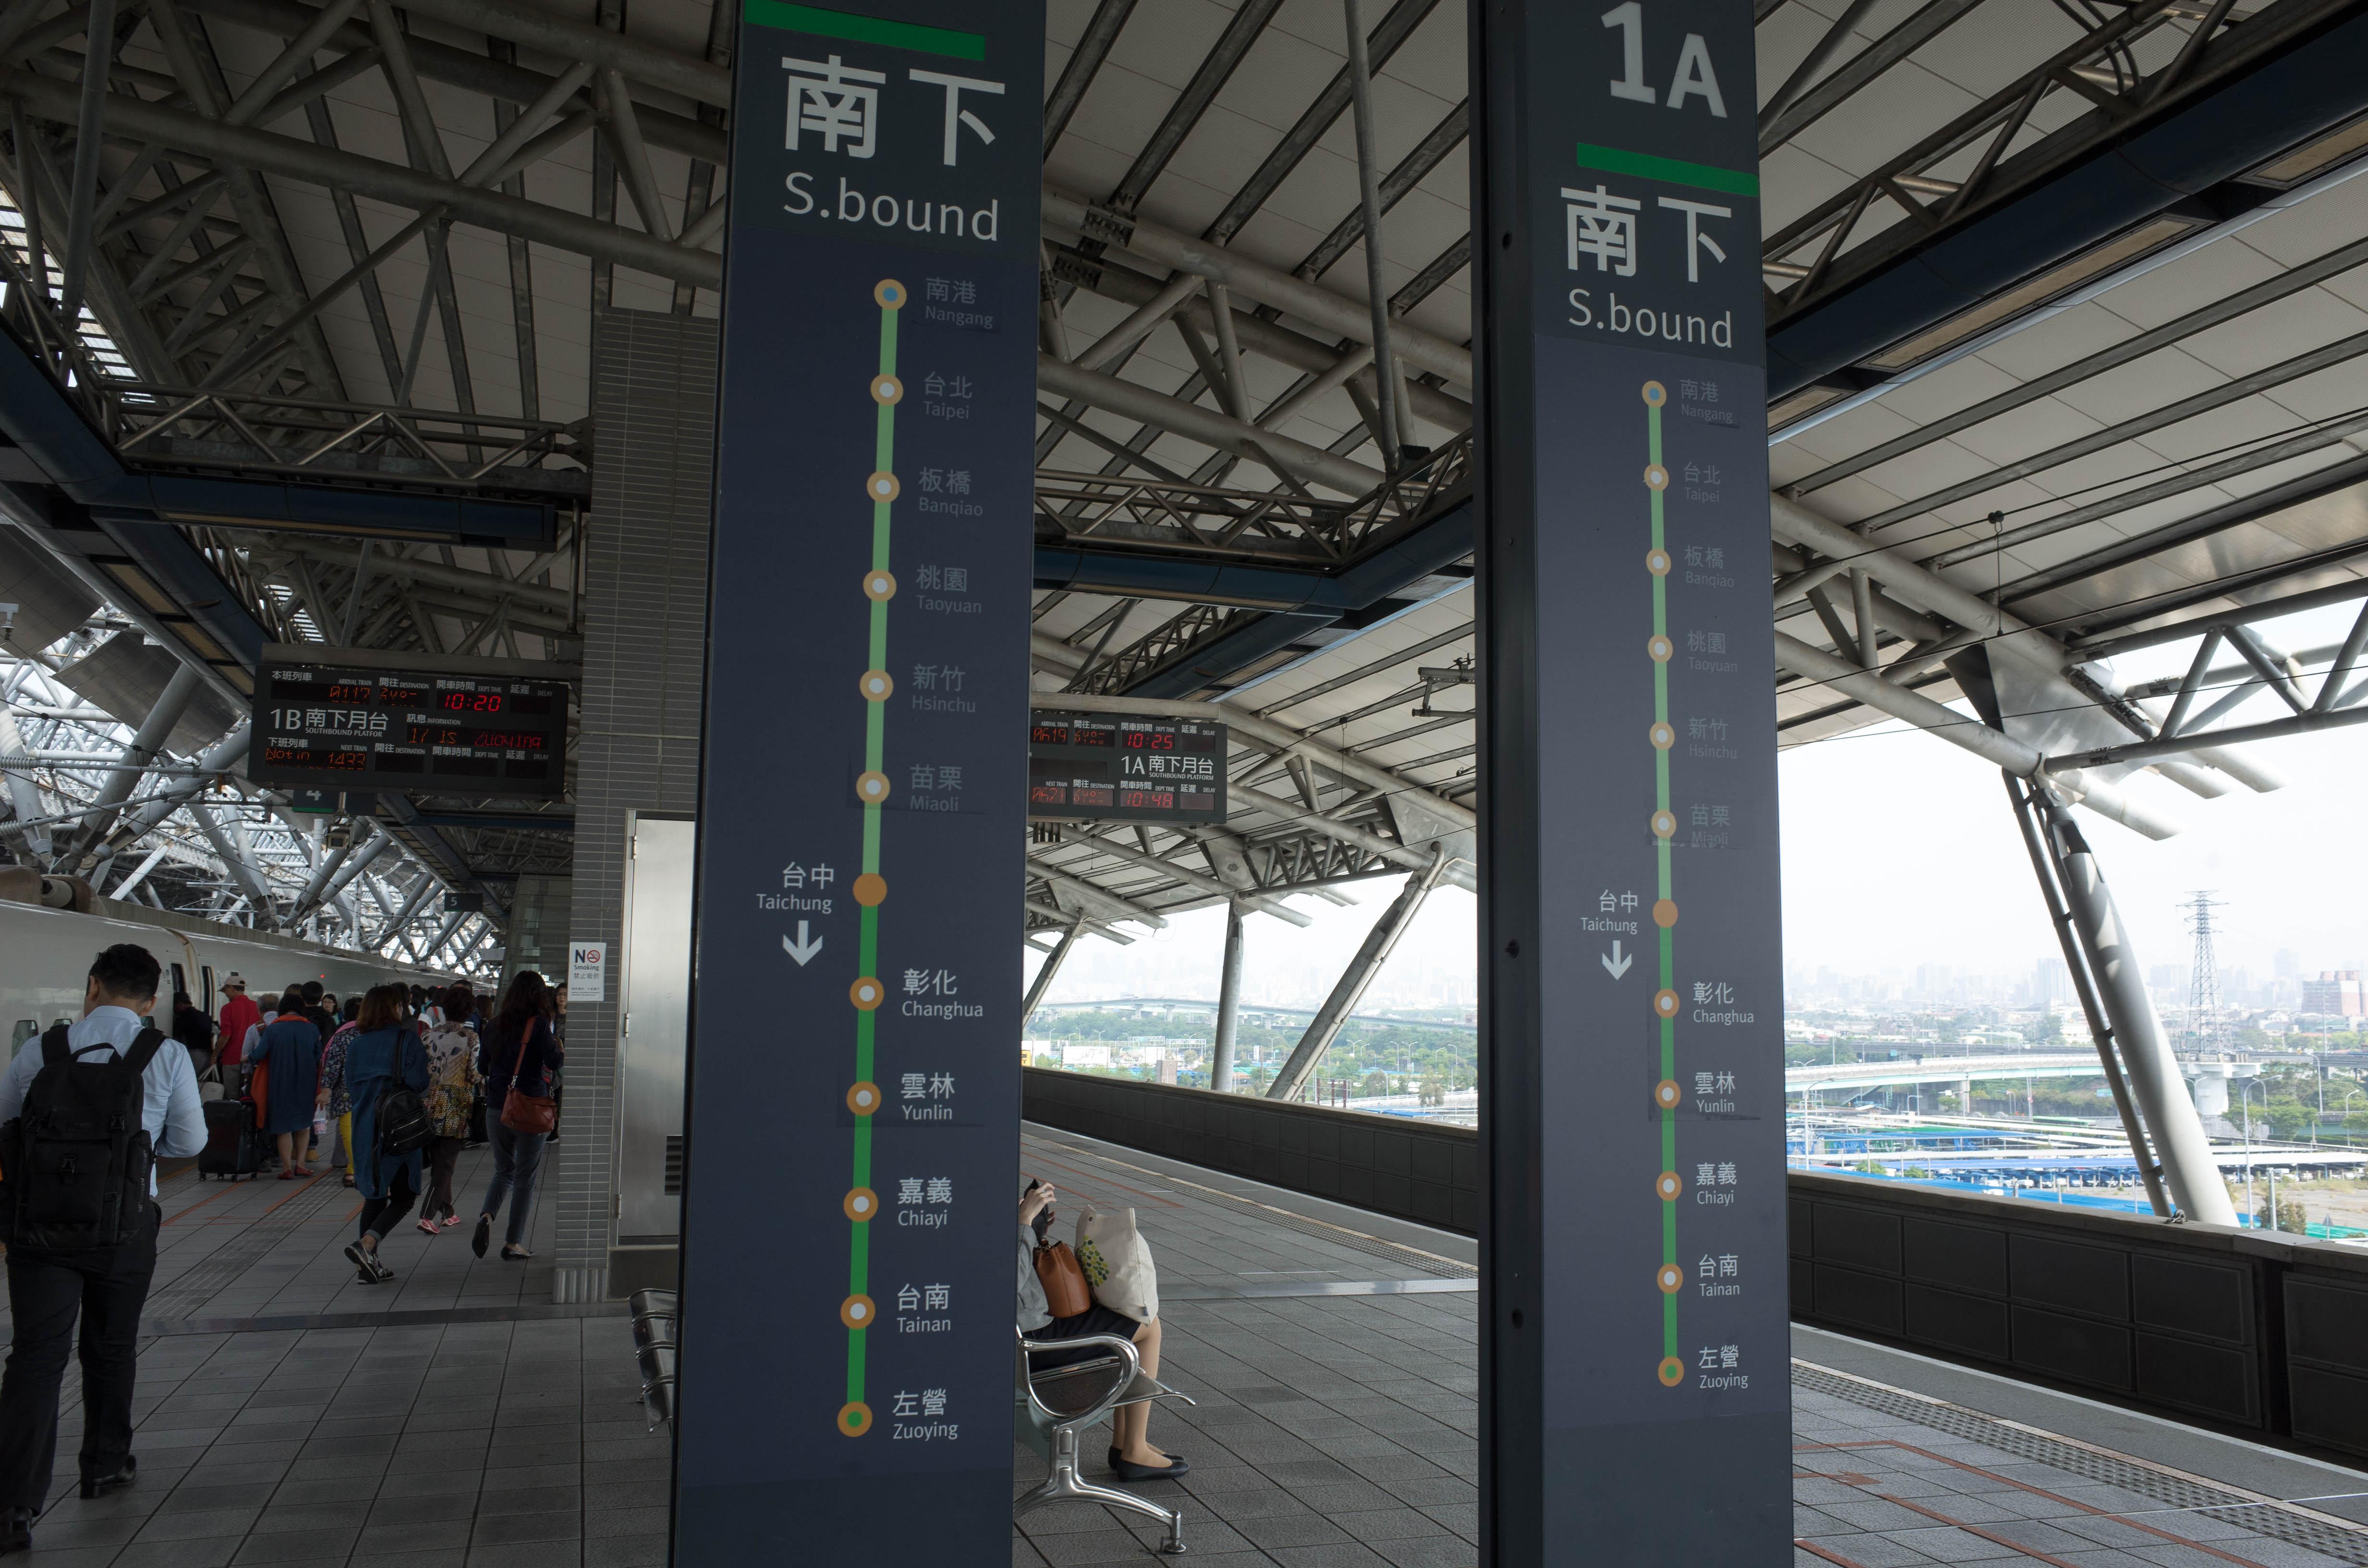 台中駅のホーム